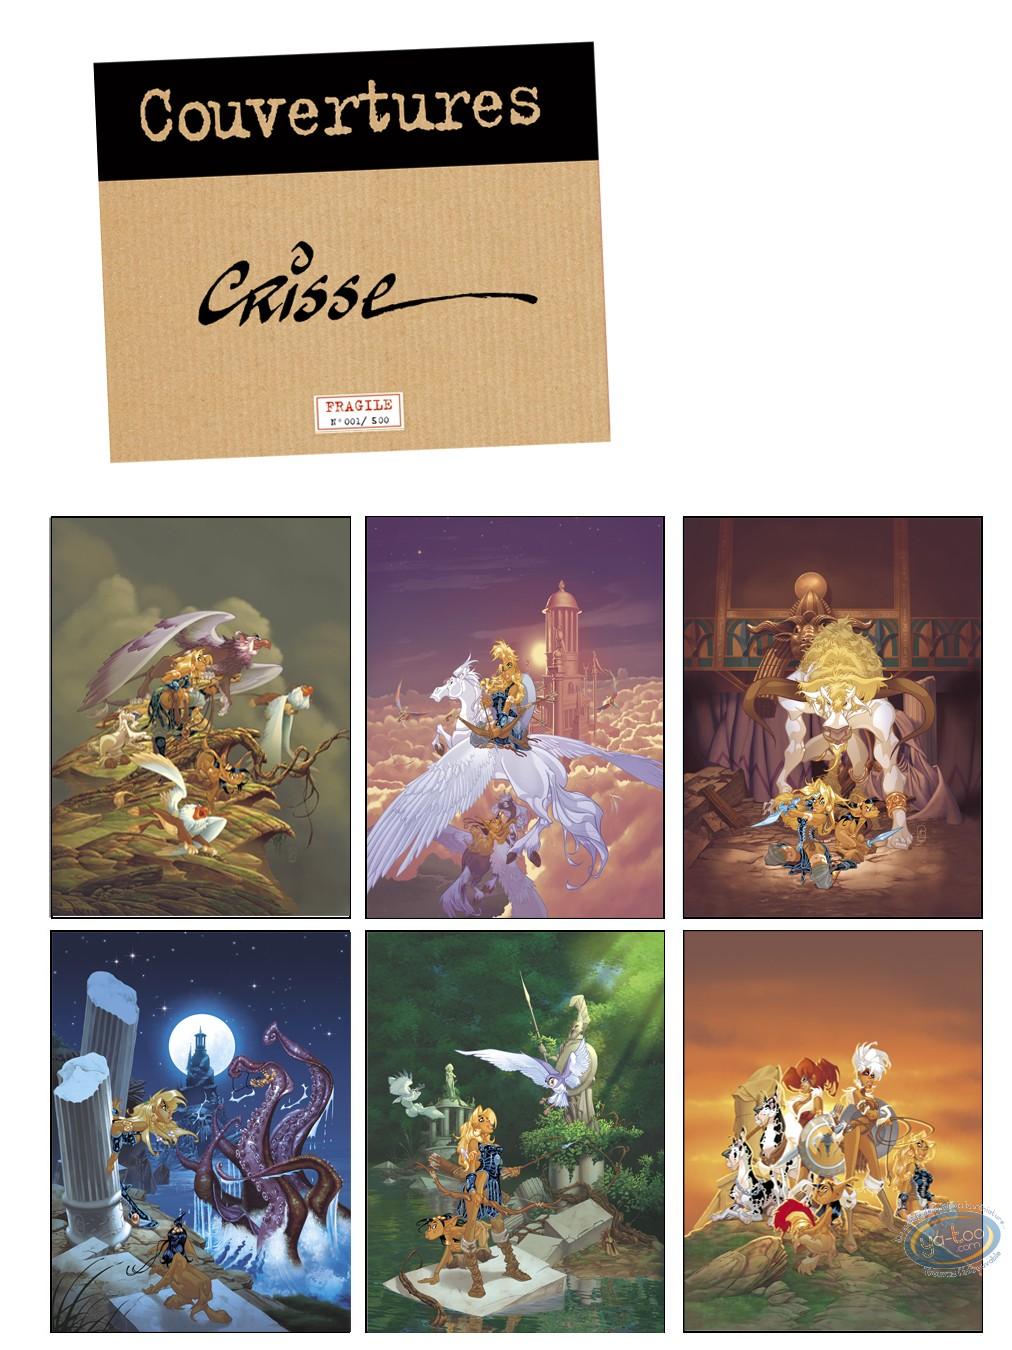 Portfolio, Atalante : Crisse, Covers